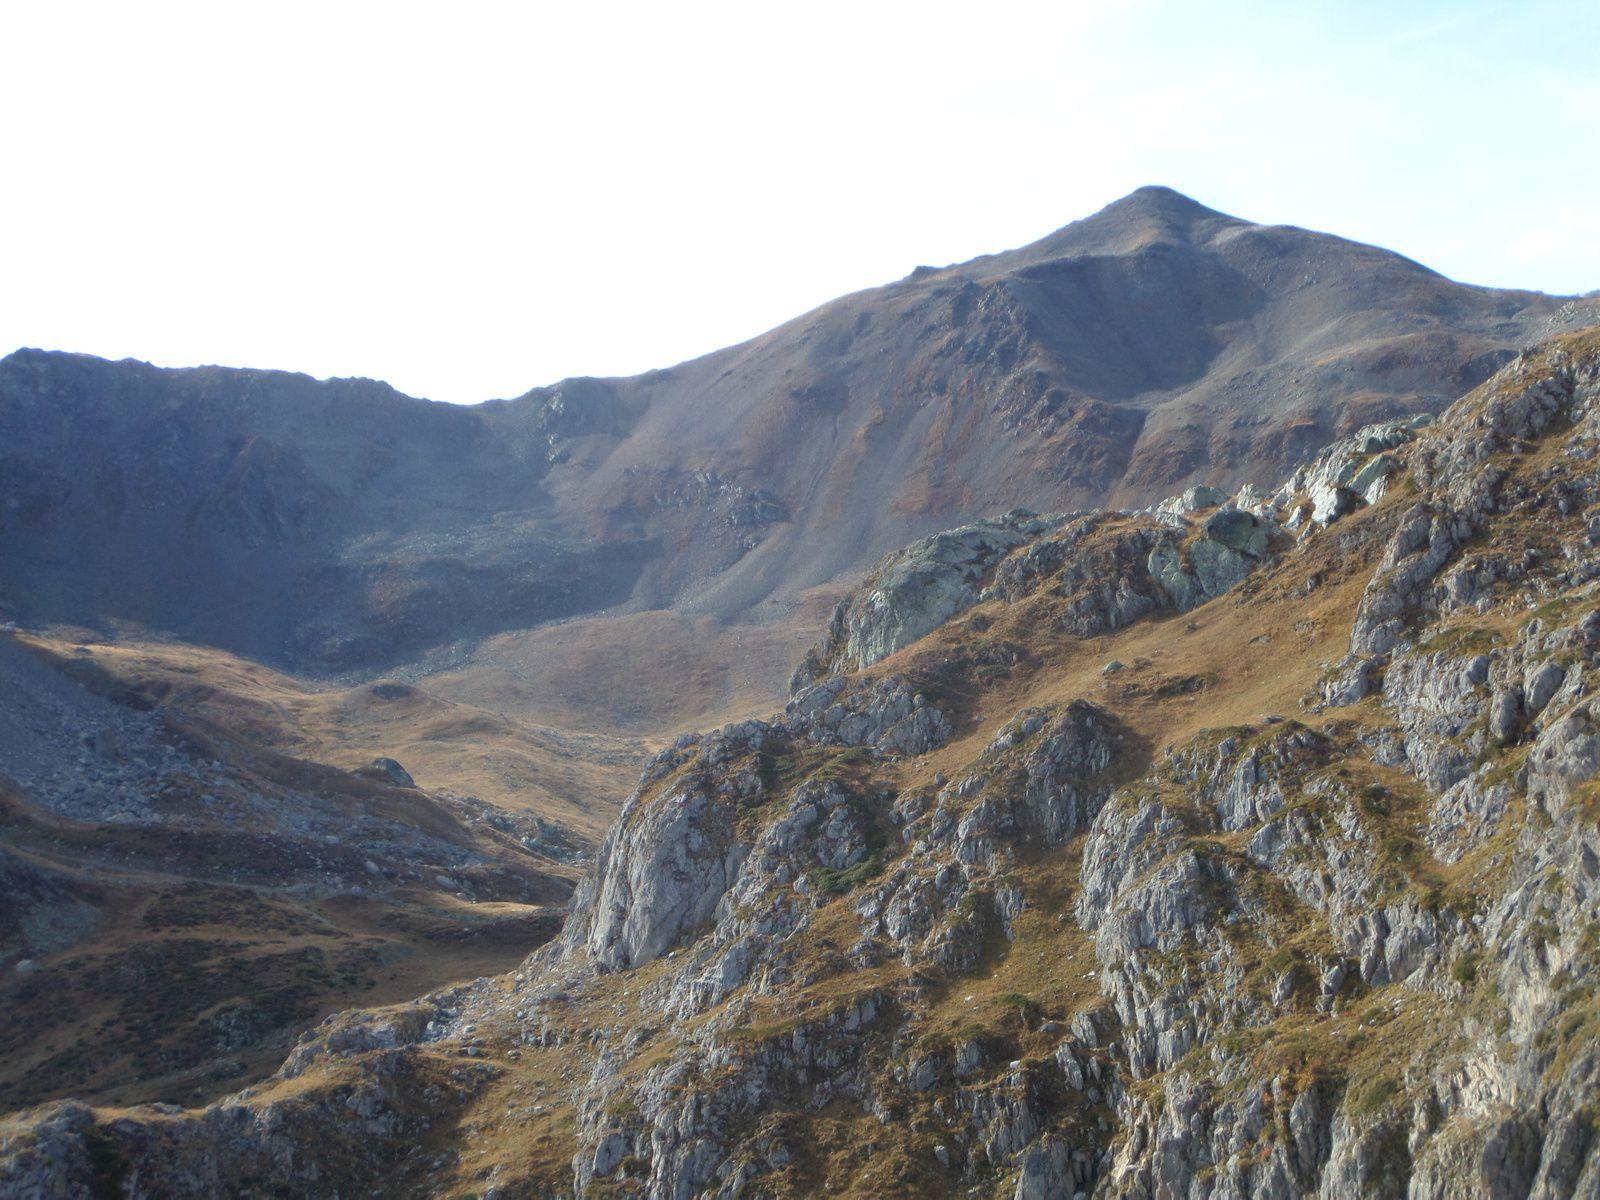 le Refuge du Chardonnet, le Col de la Noire, le Col du Raisin, zoom sur le Refuge Bufère et Chalet d'alpage